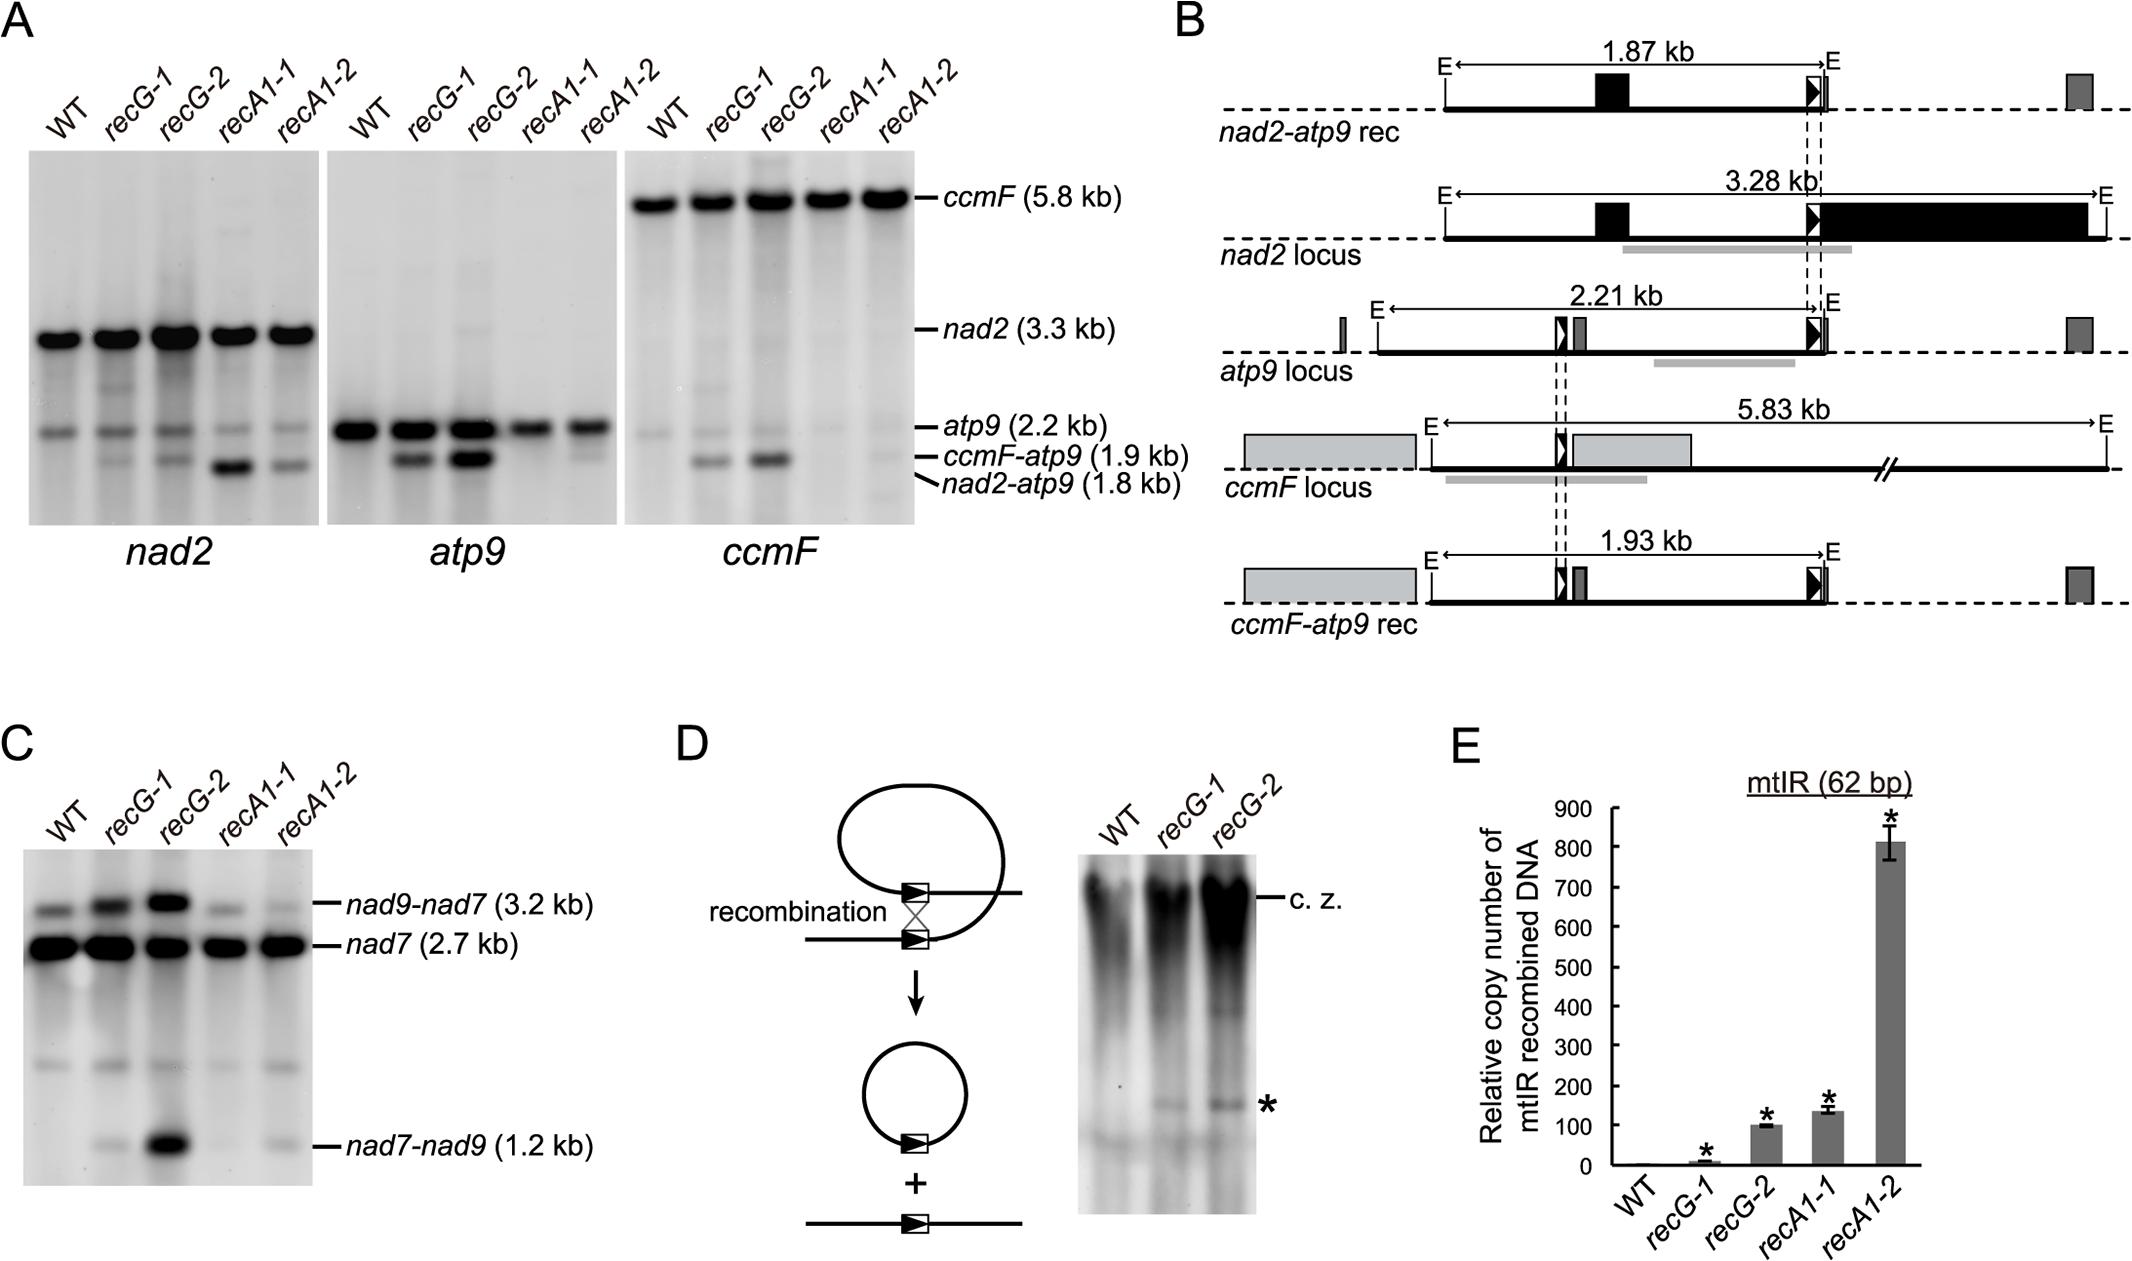 mtDNA rearrangements in <i>RECG</i> KO lines.